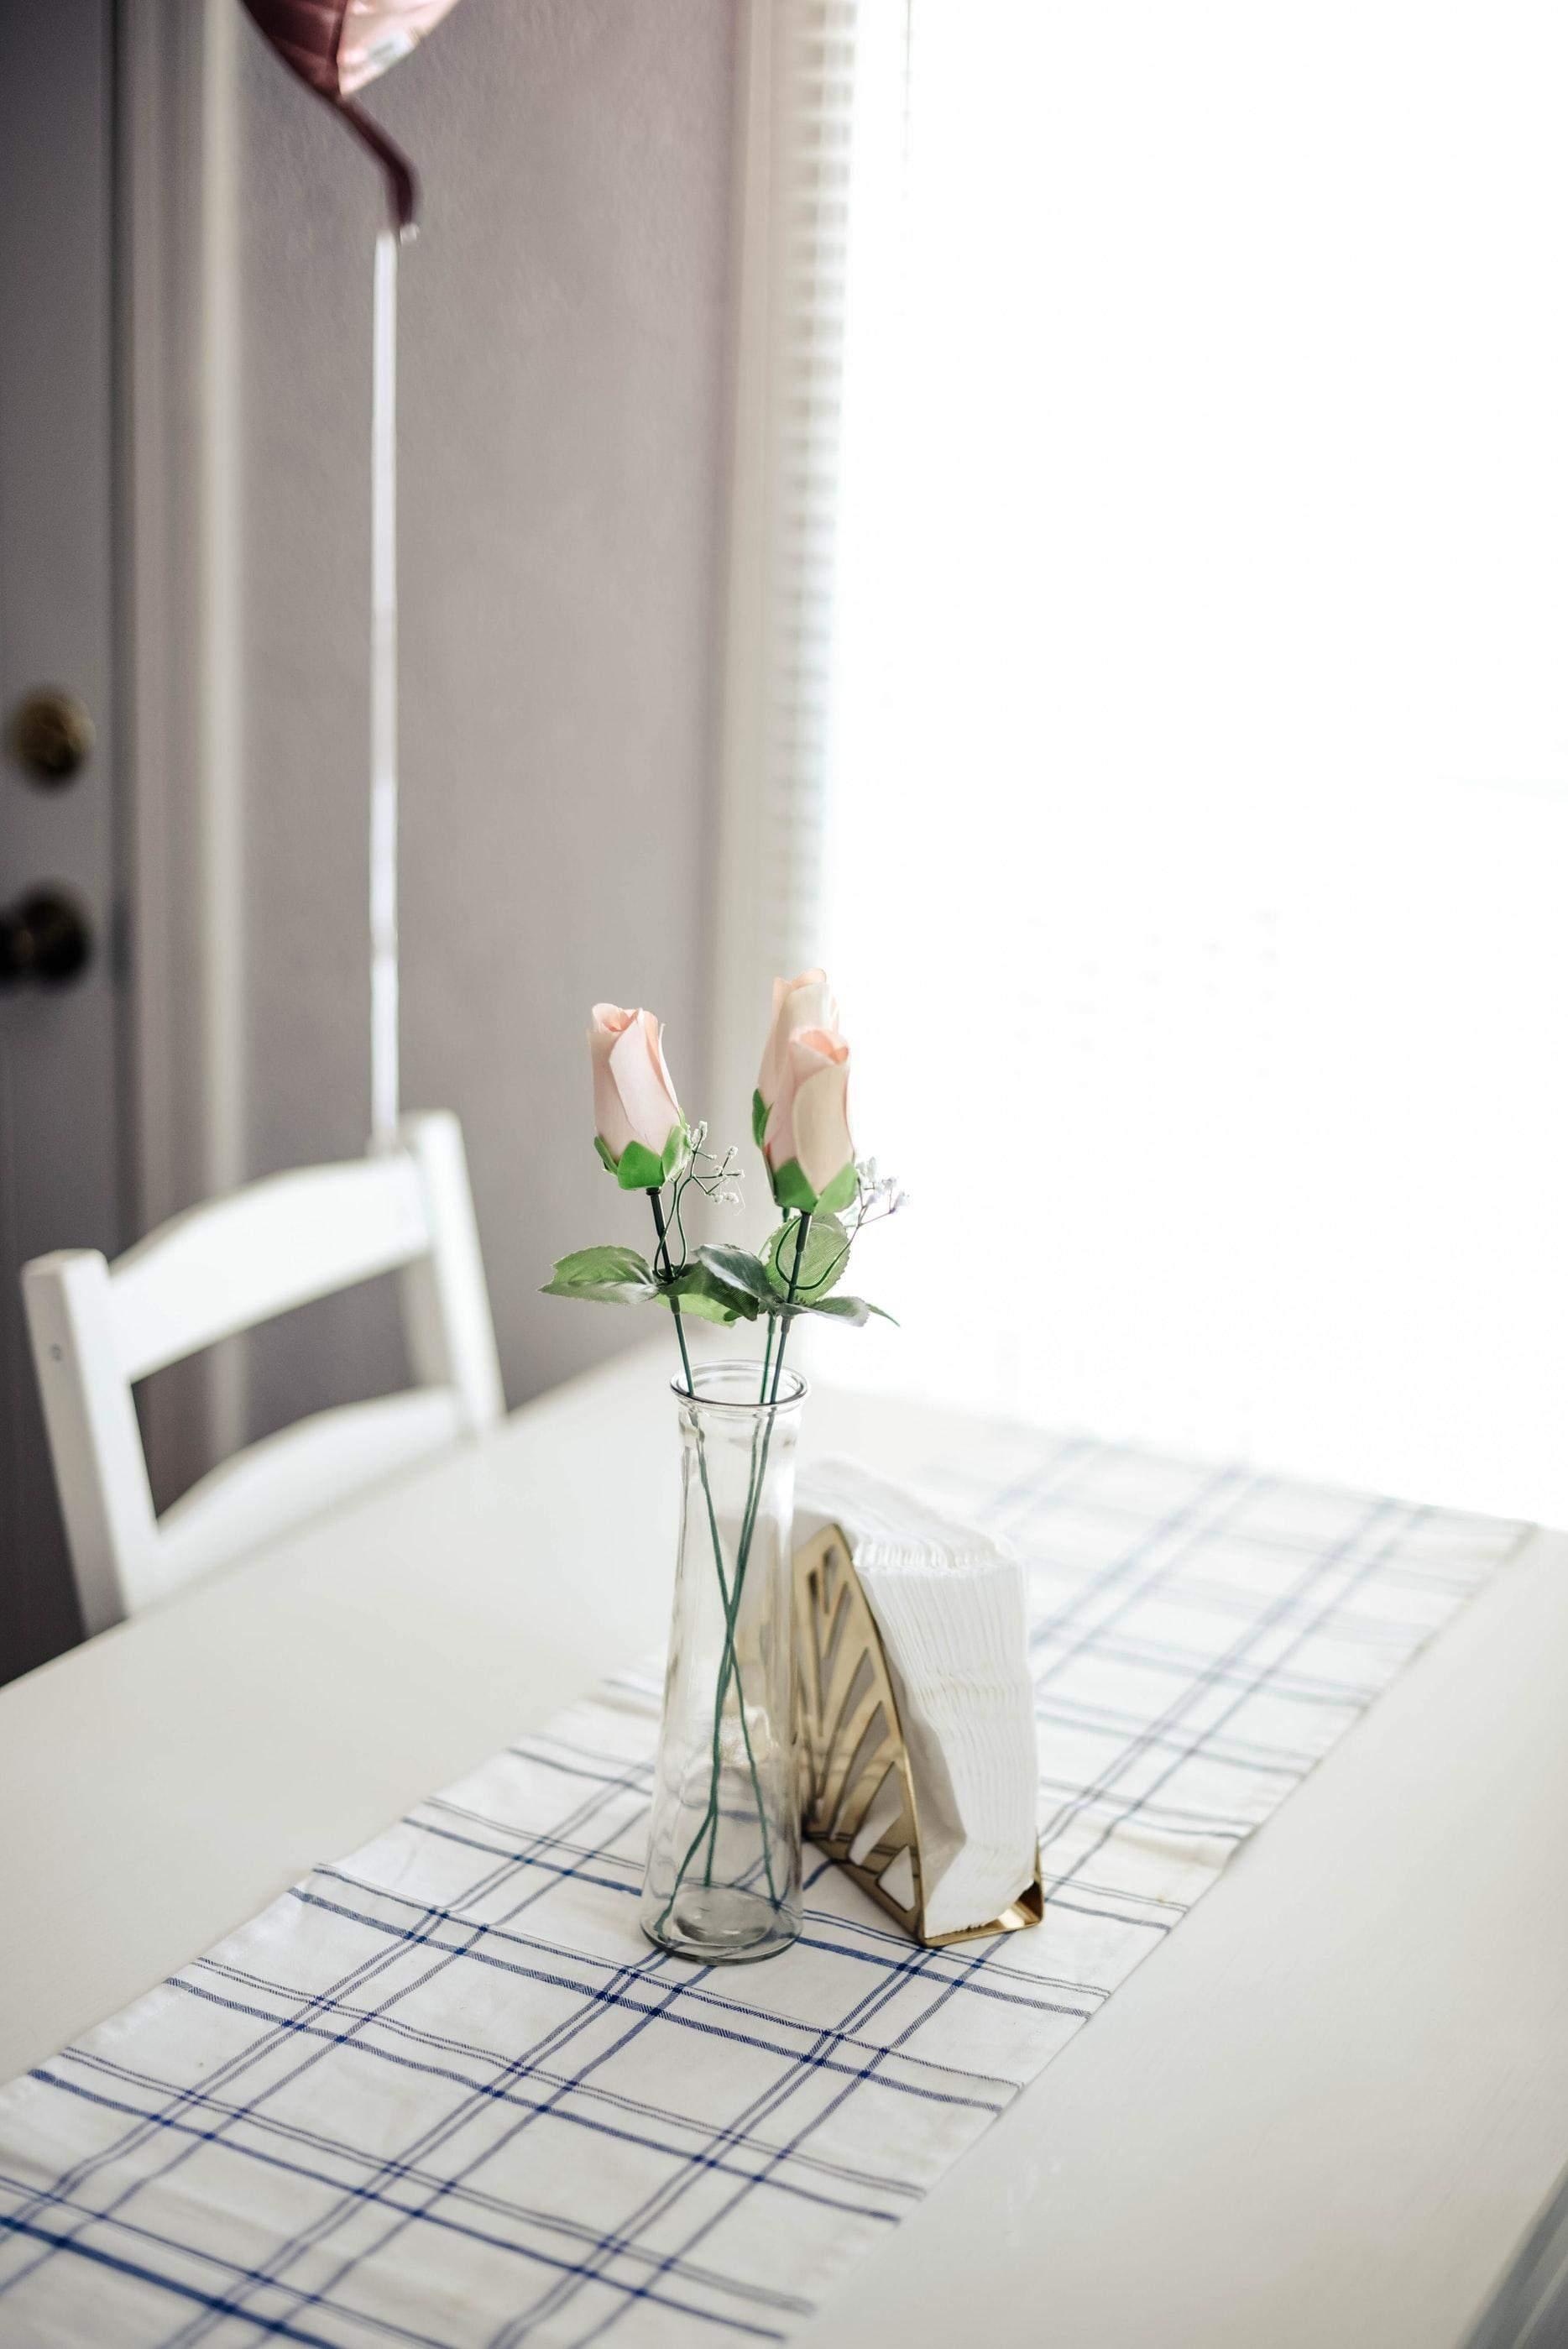 Штучні квіти збирають пил